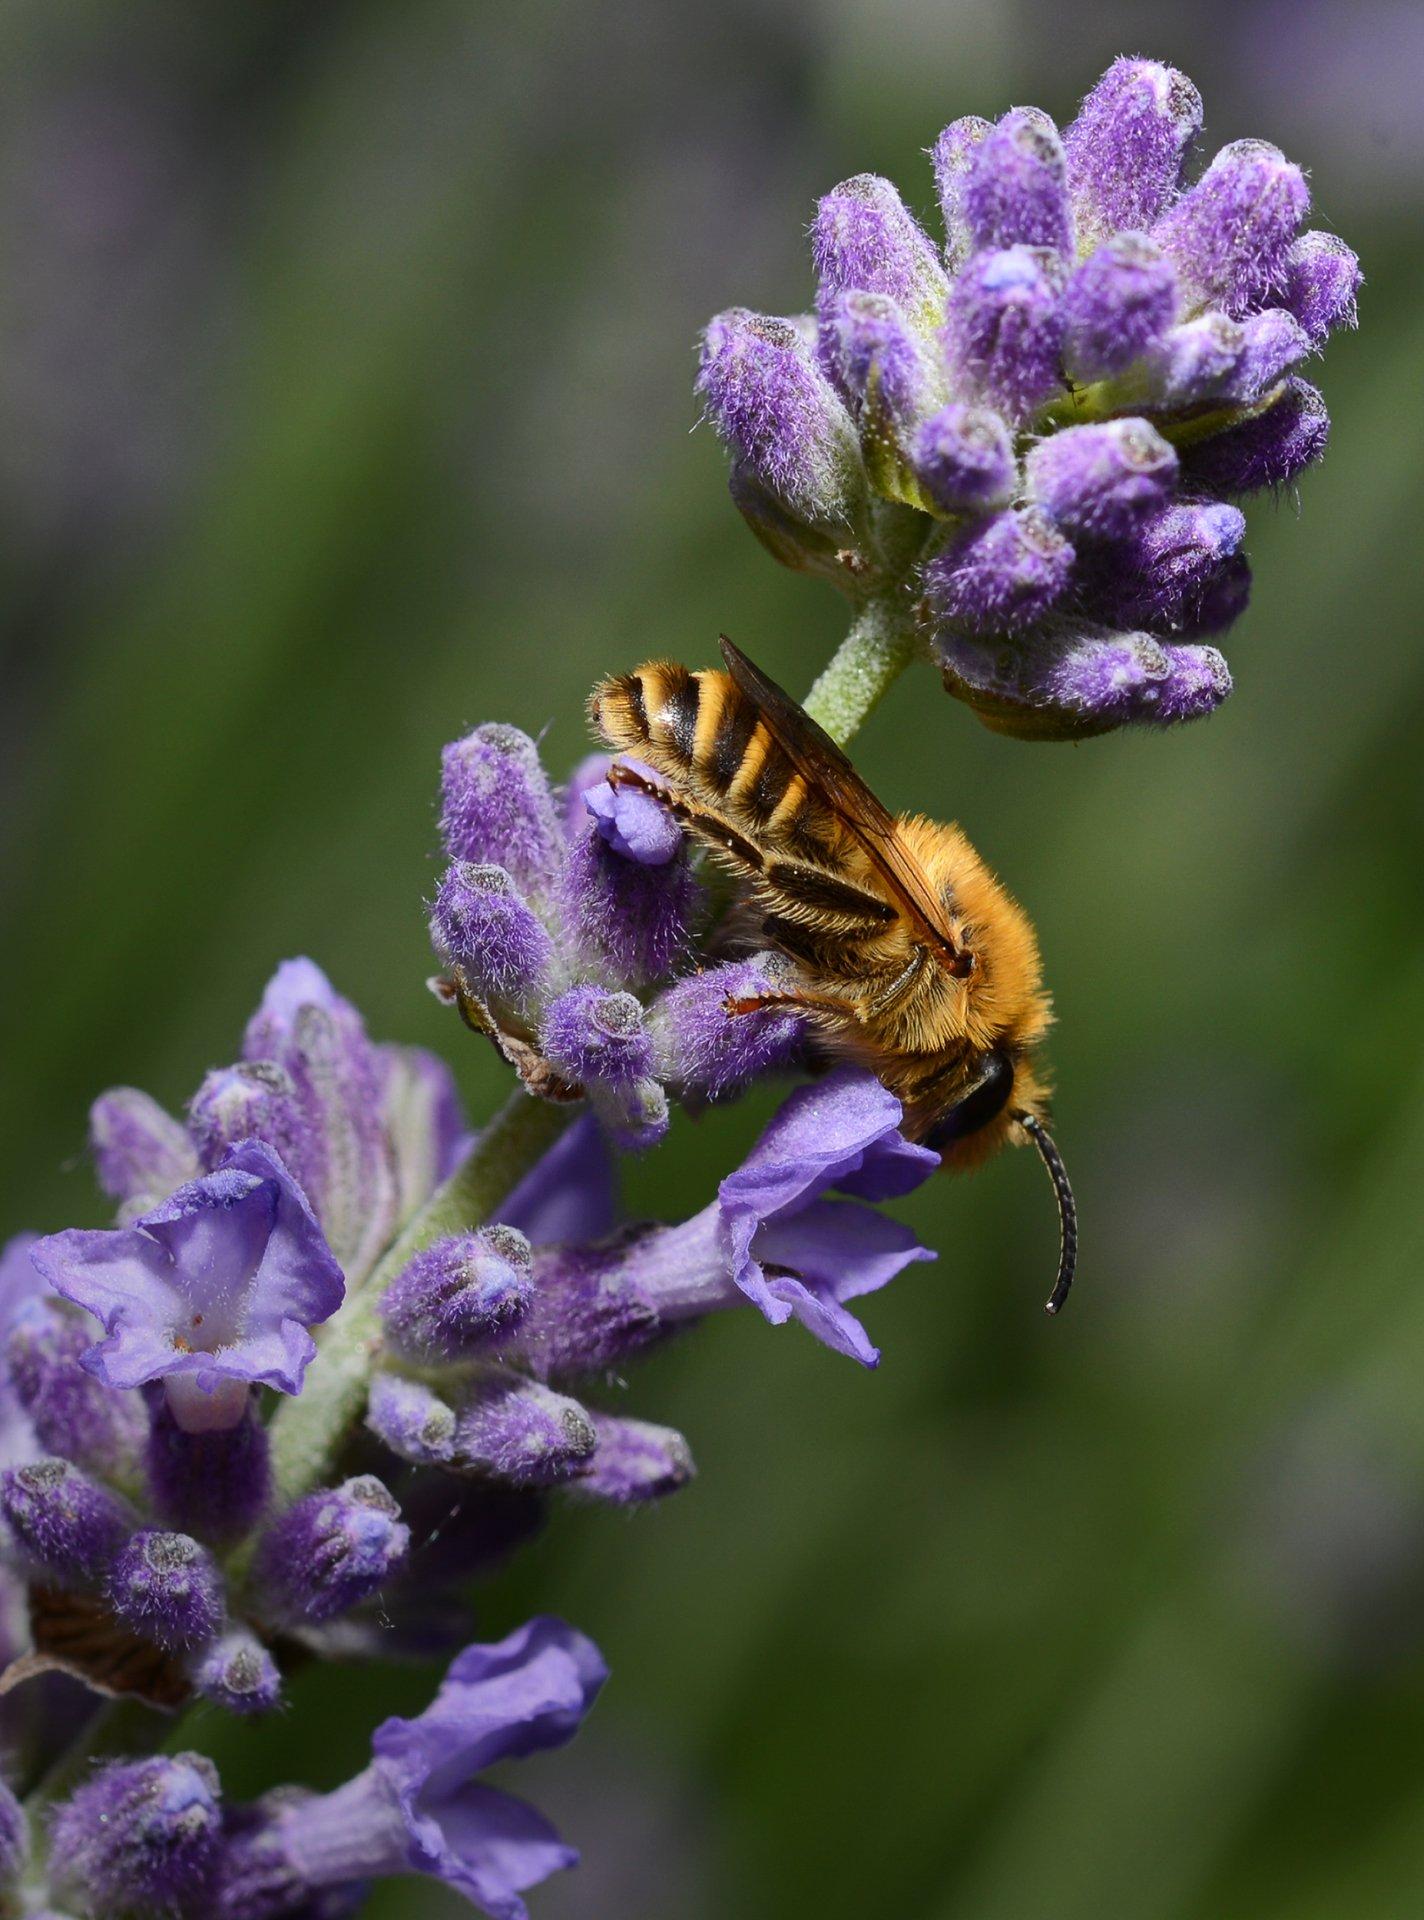 природа, макро, растение, лаванда, насекомое, пчела, Неля Рачкова